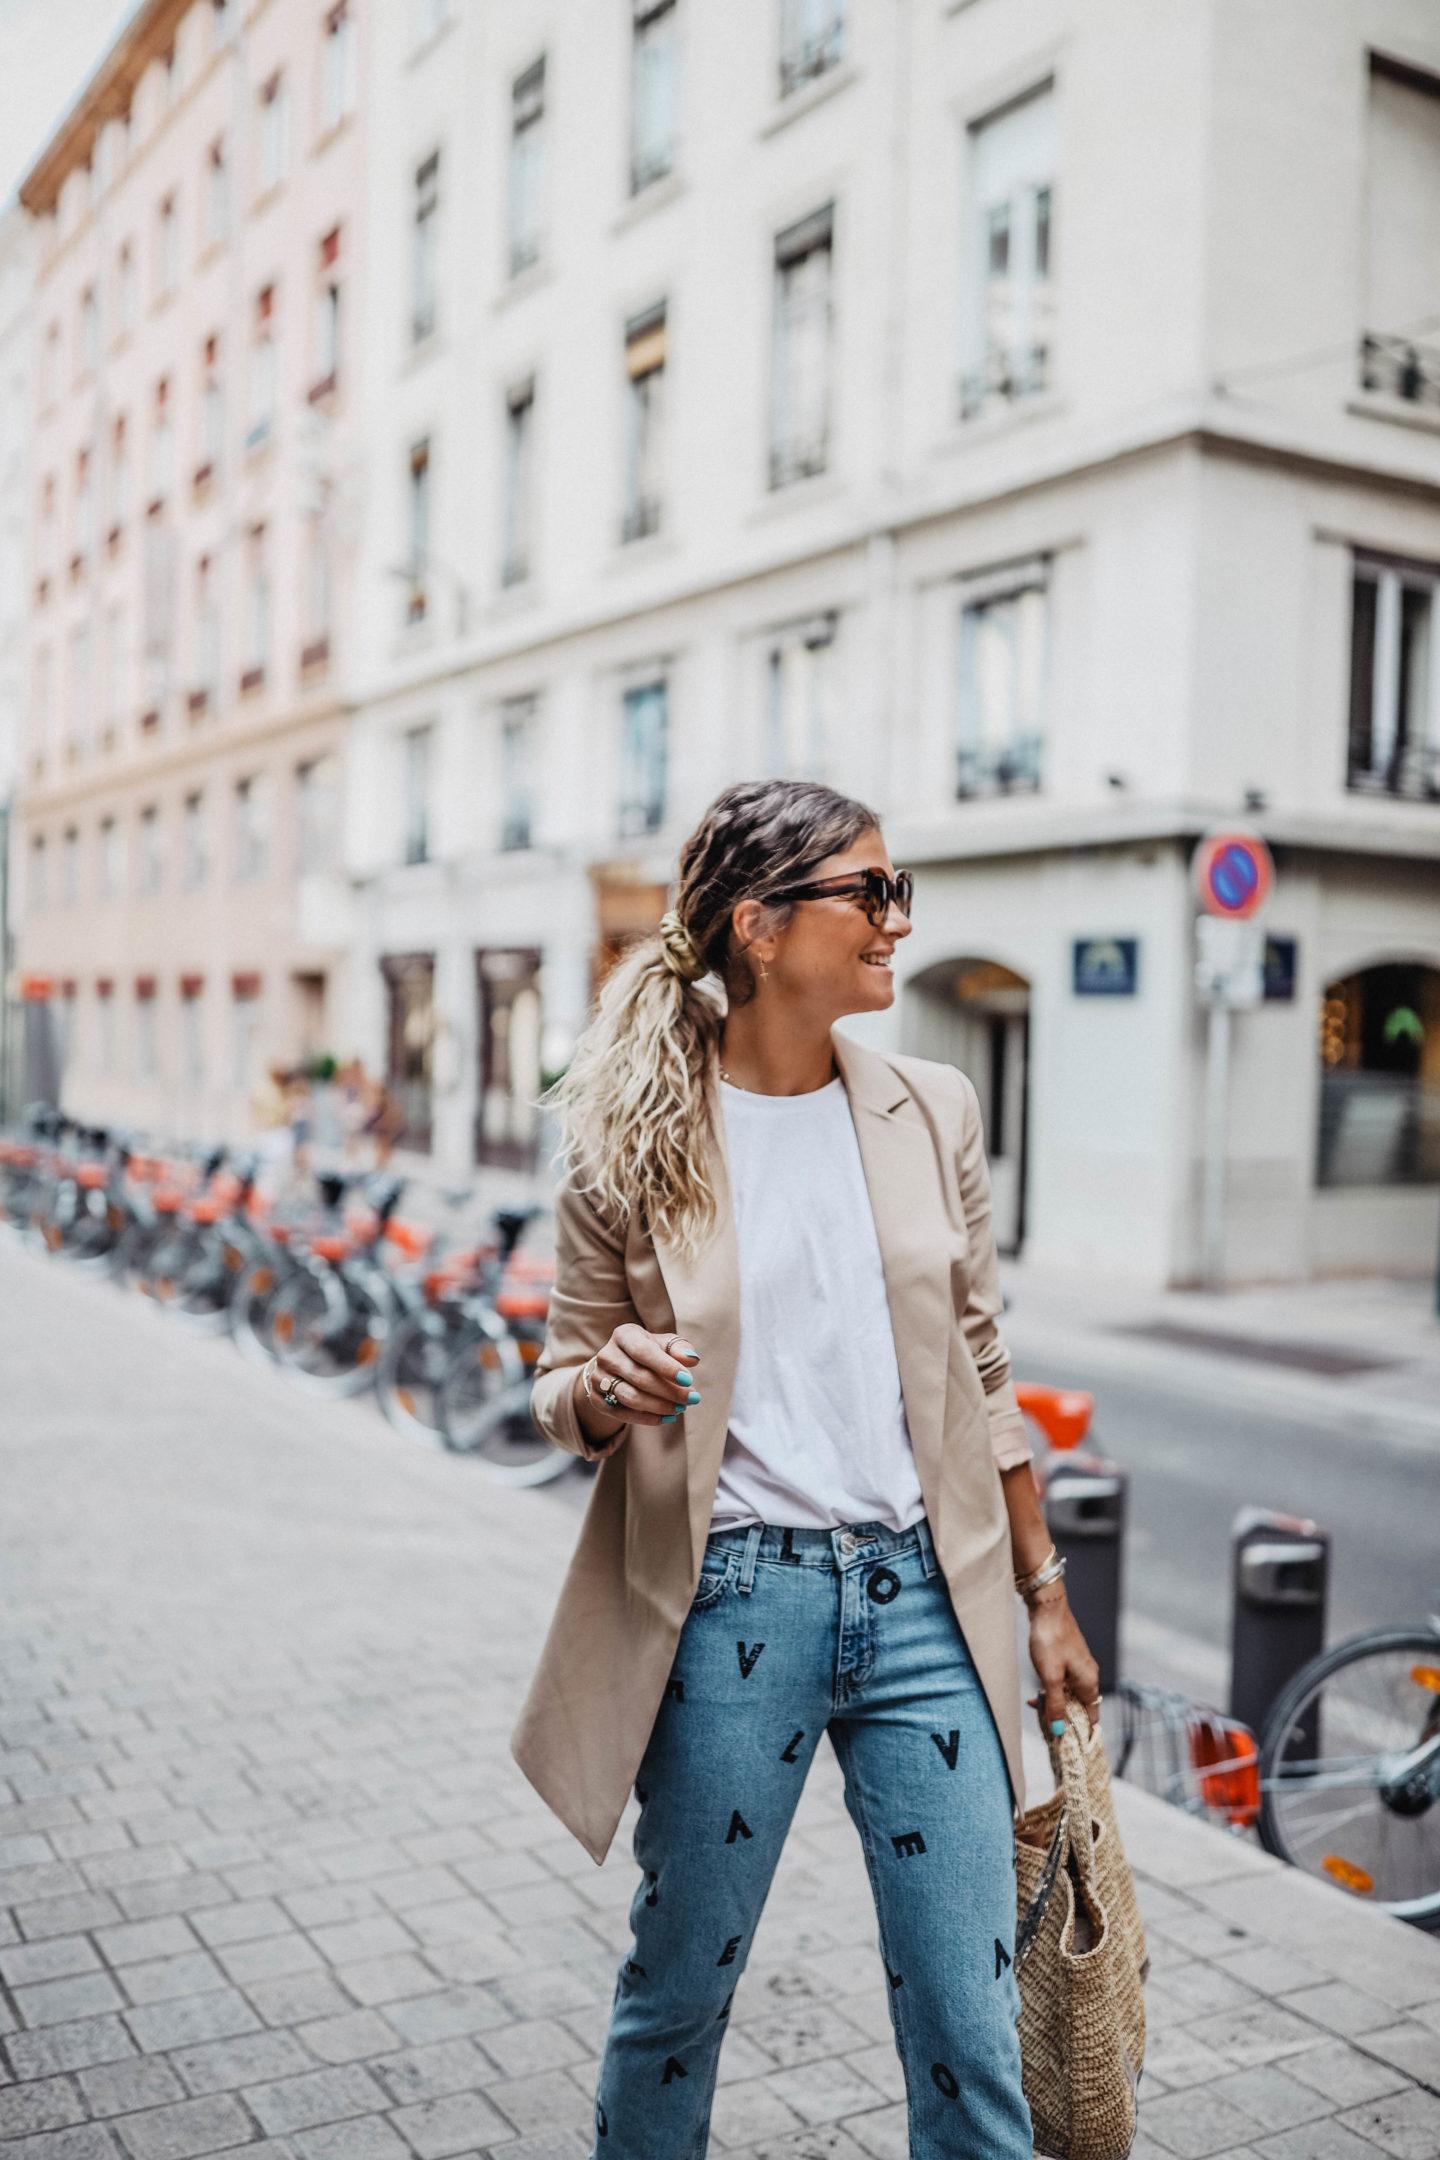 Idée de look pour la rentrée marie and mood blog